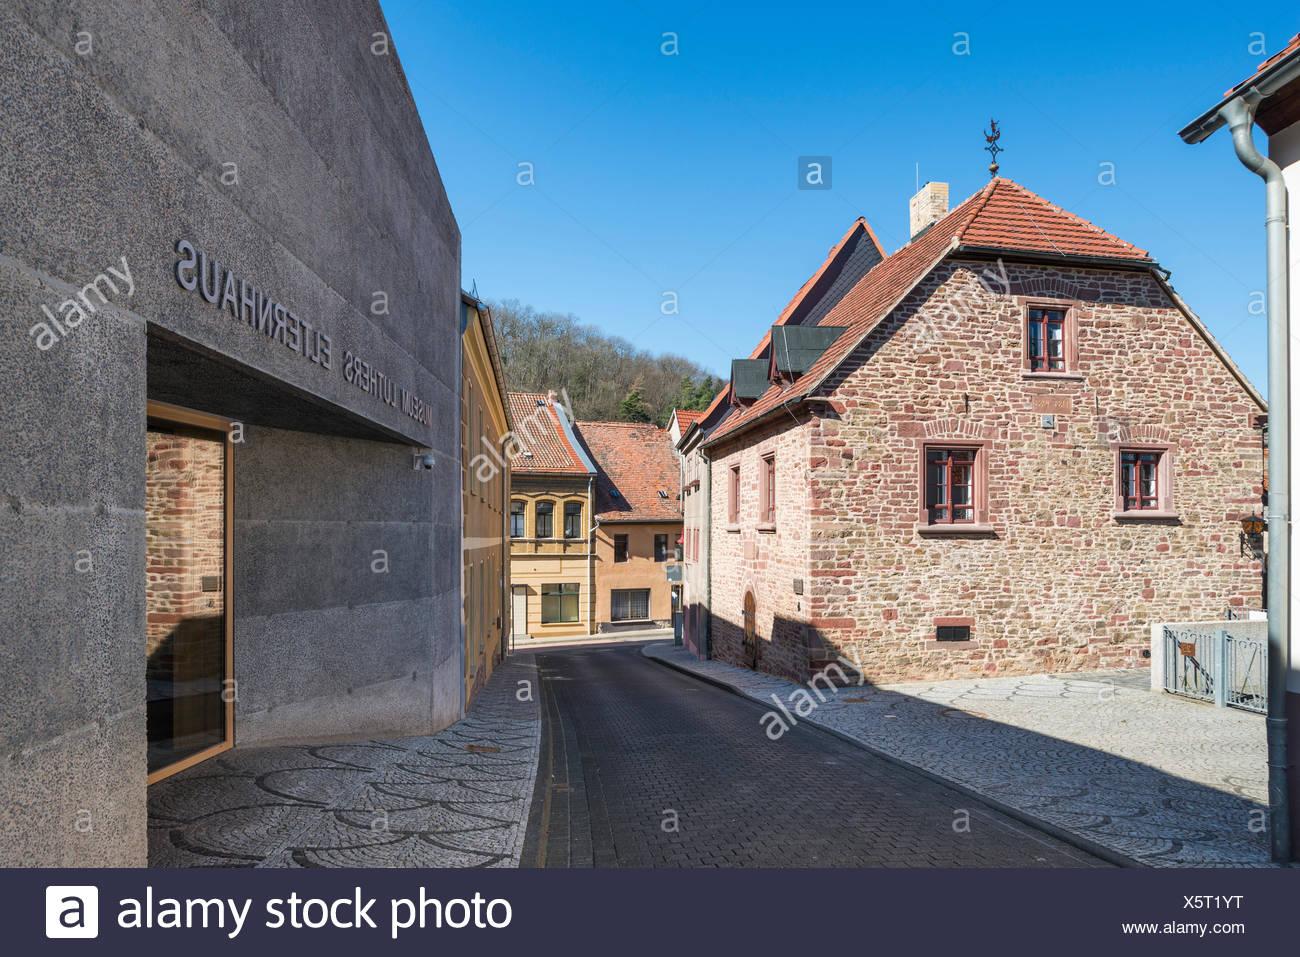 Luthers Elternhaus, lebte hier 1484-1497, rechts moderner Museumsneubau von 2014, Mansfeld-Lutherstadt, Sachsen-Anhalt, Deutschland - Stock Image